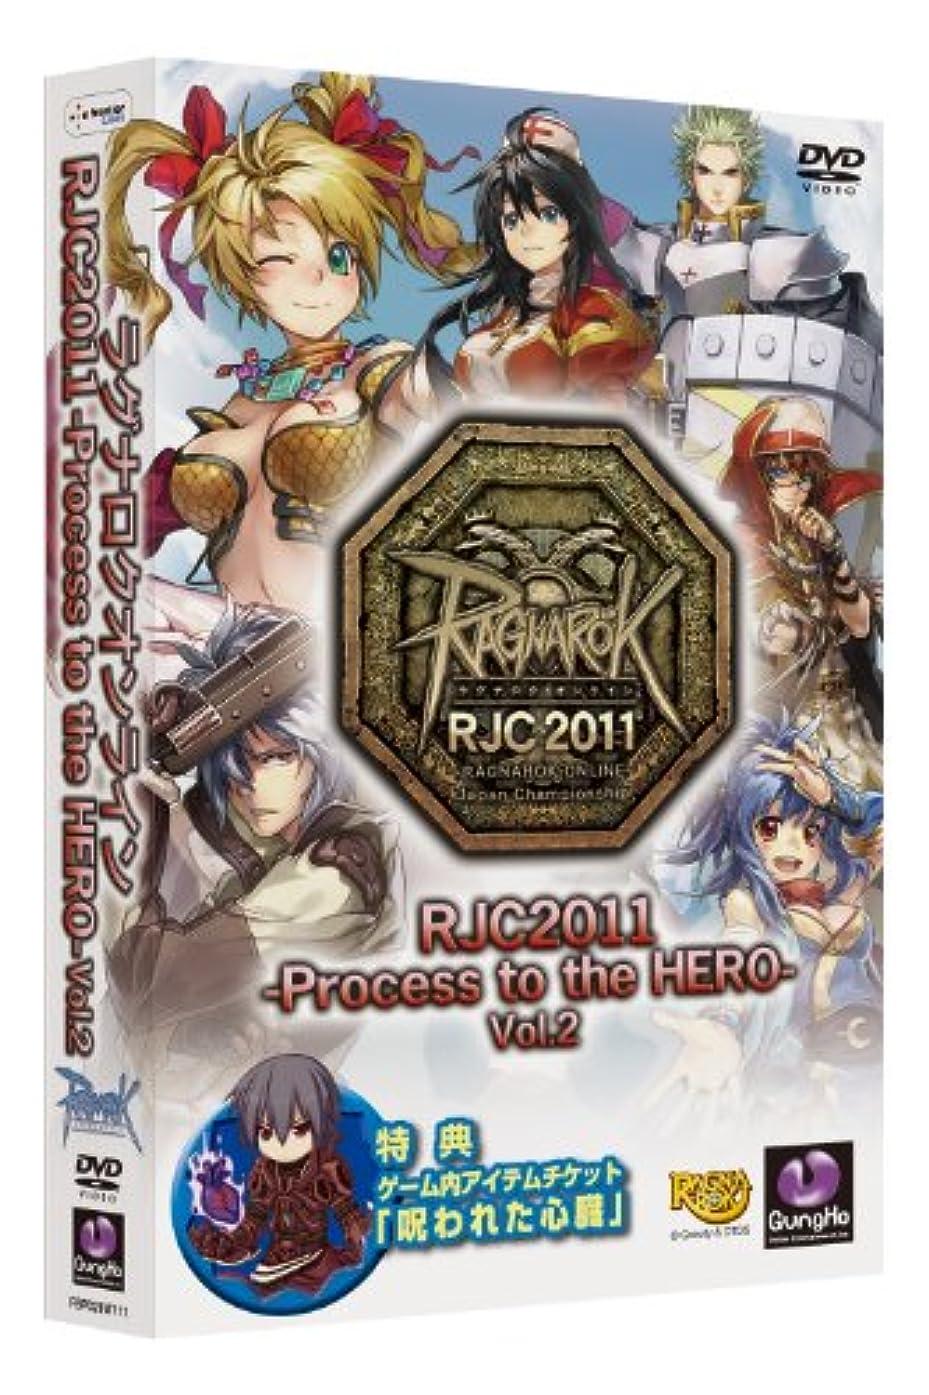 女の子私たち自身周辺ラグナロクオンライン RJC2011 -Process to the HERO Vol2-